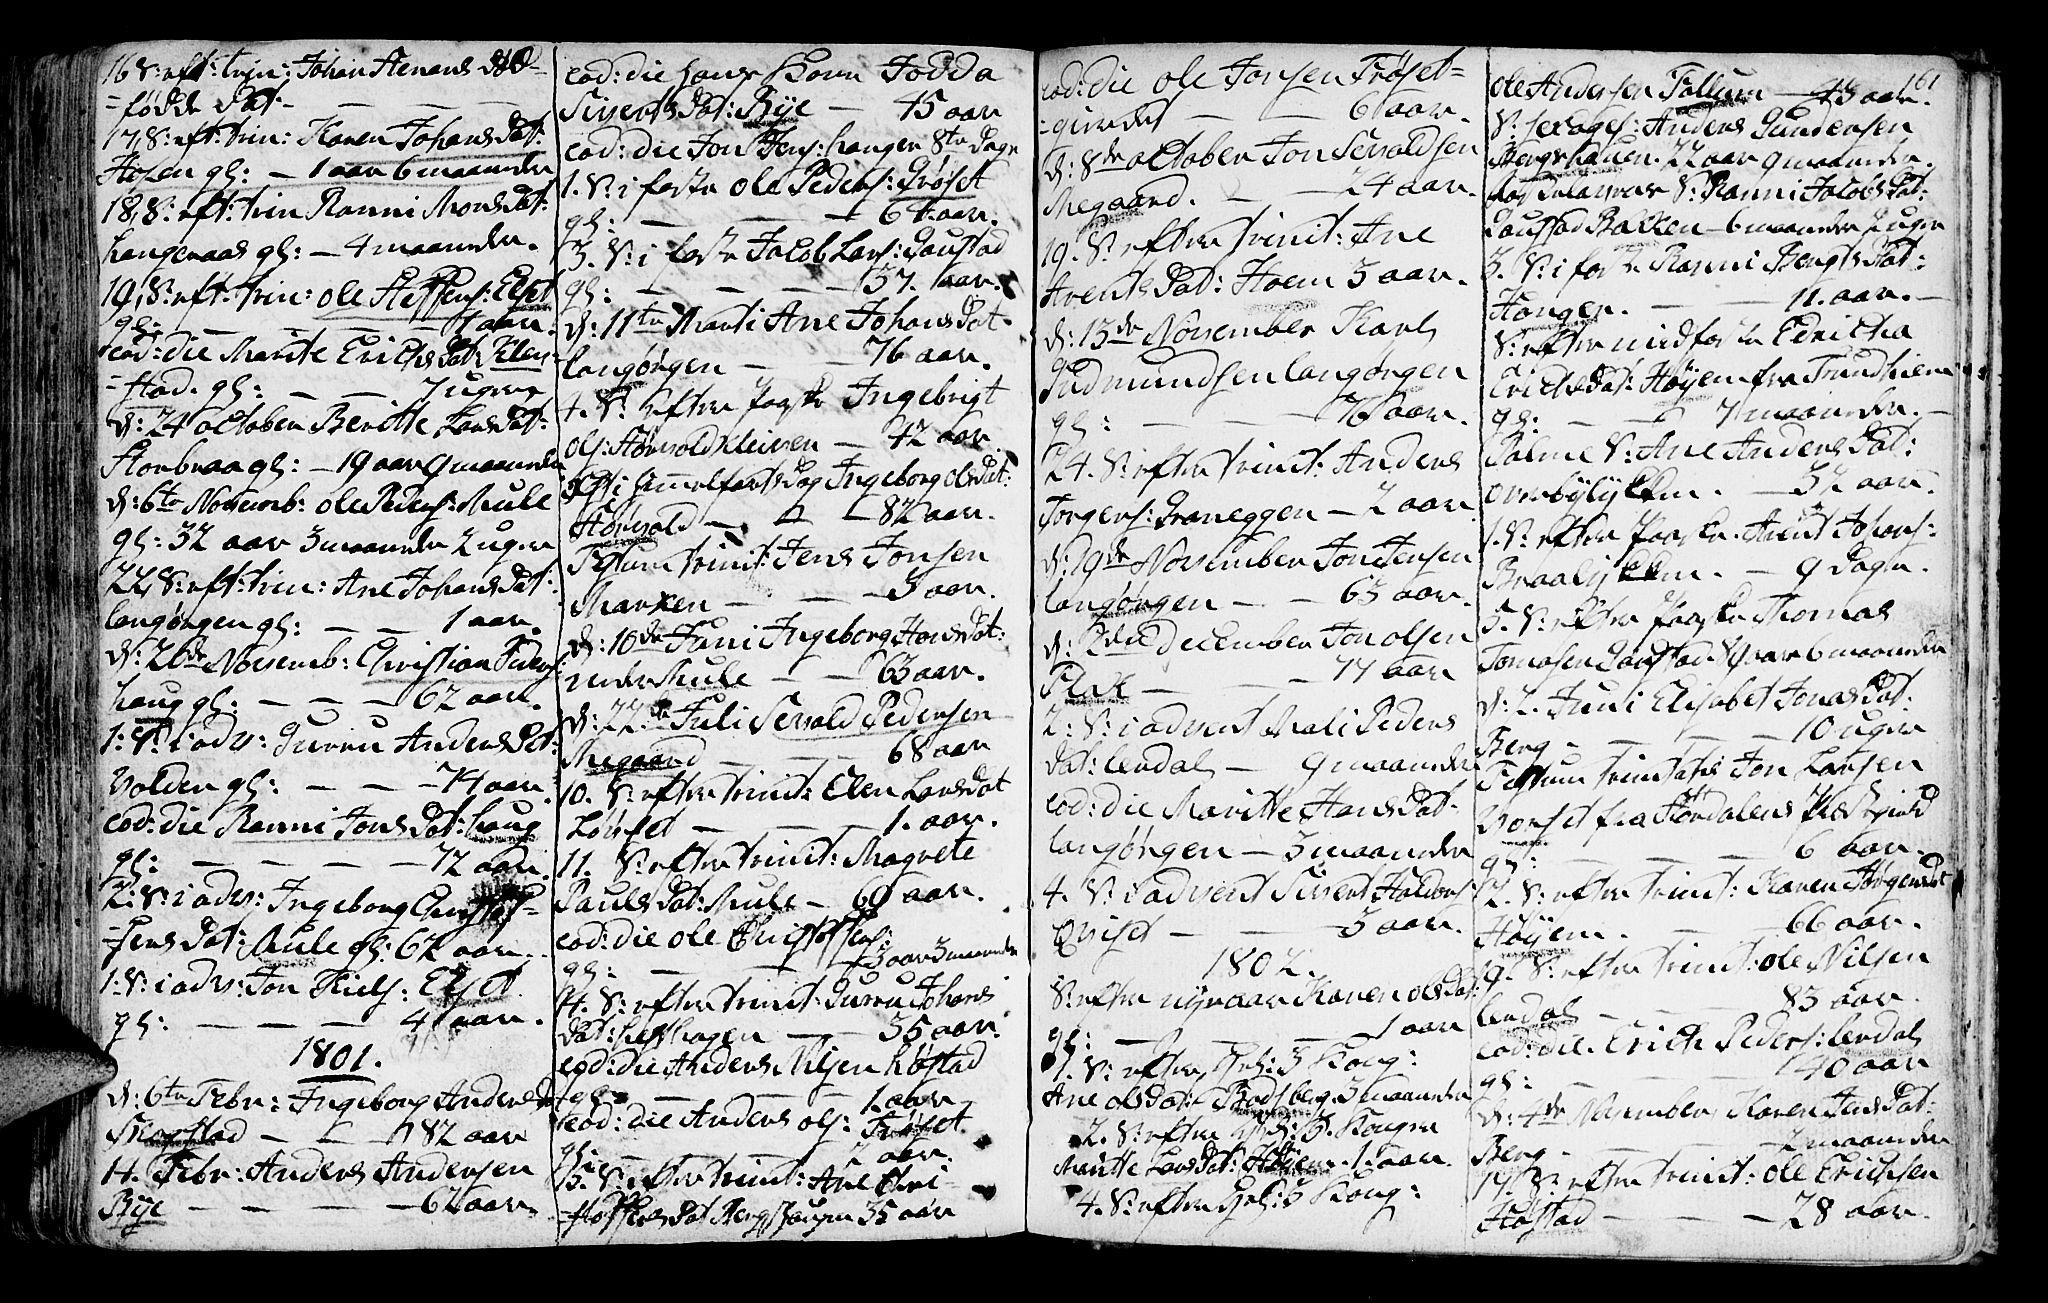 SAT, Ministerialprotokoller, klokkerbøker og fødselsregistre - Sør-Trøndelag, 612/L0370: Ministerialbok nr. 612A04, 1754-1802, s. 161